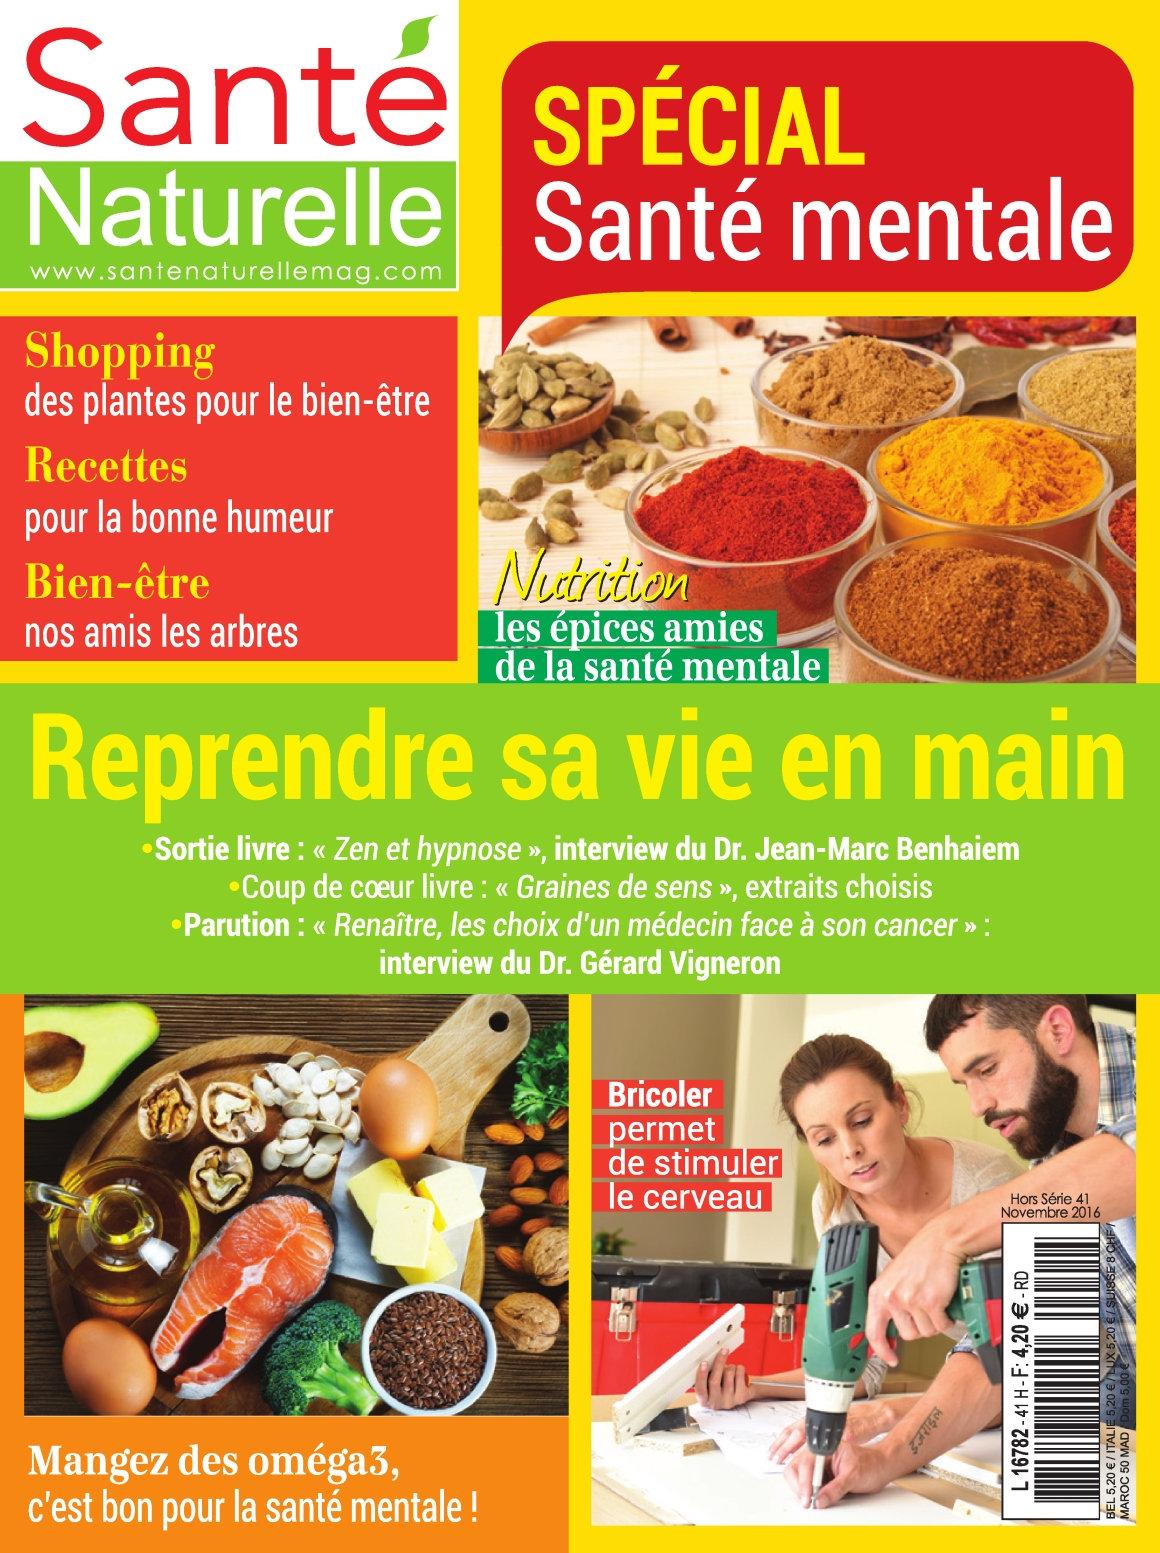 Santé Naturelle Hors Série 41 - Novembre/Décembre 2016